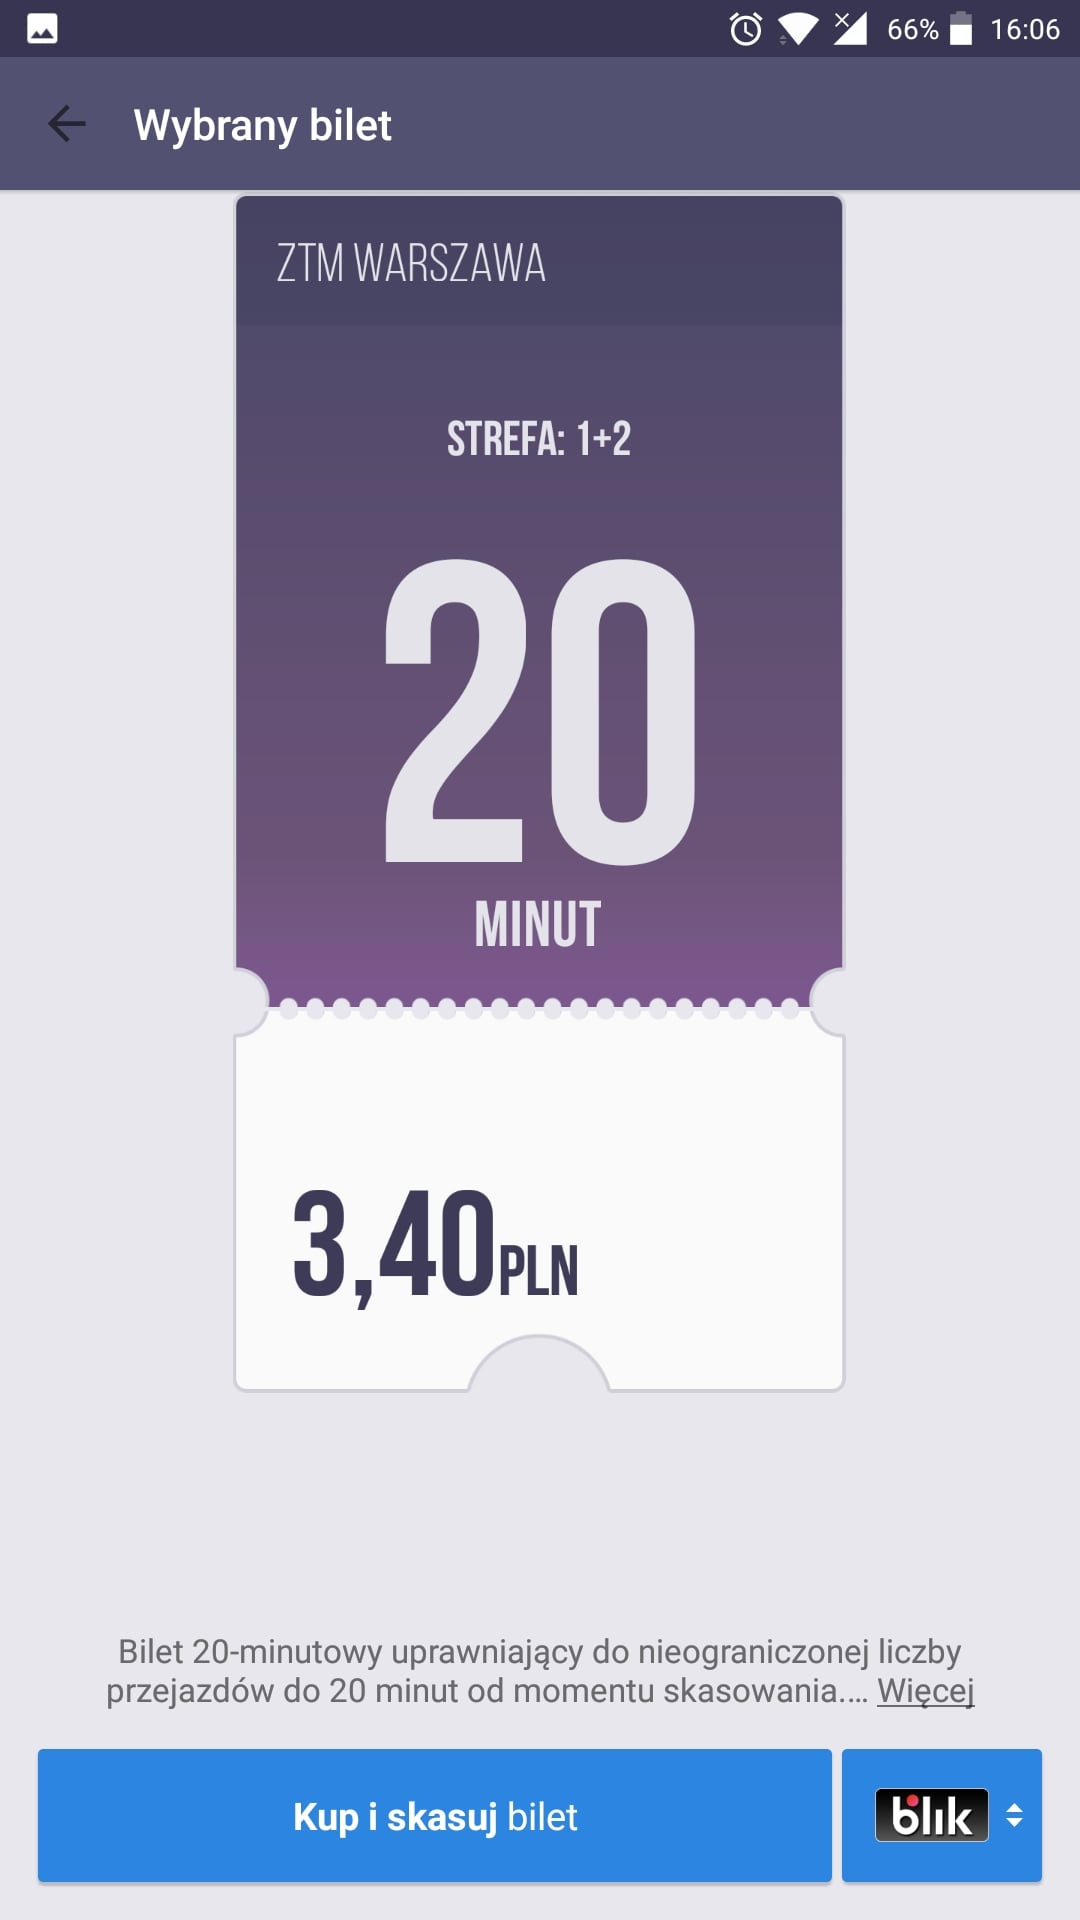 Od dziś kupisz bilet na komunikację miejską w Warszawie również w aplikacji Jakdojade